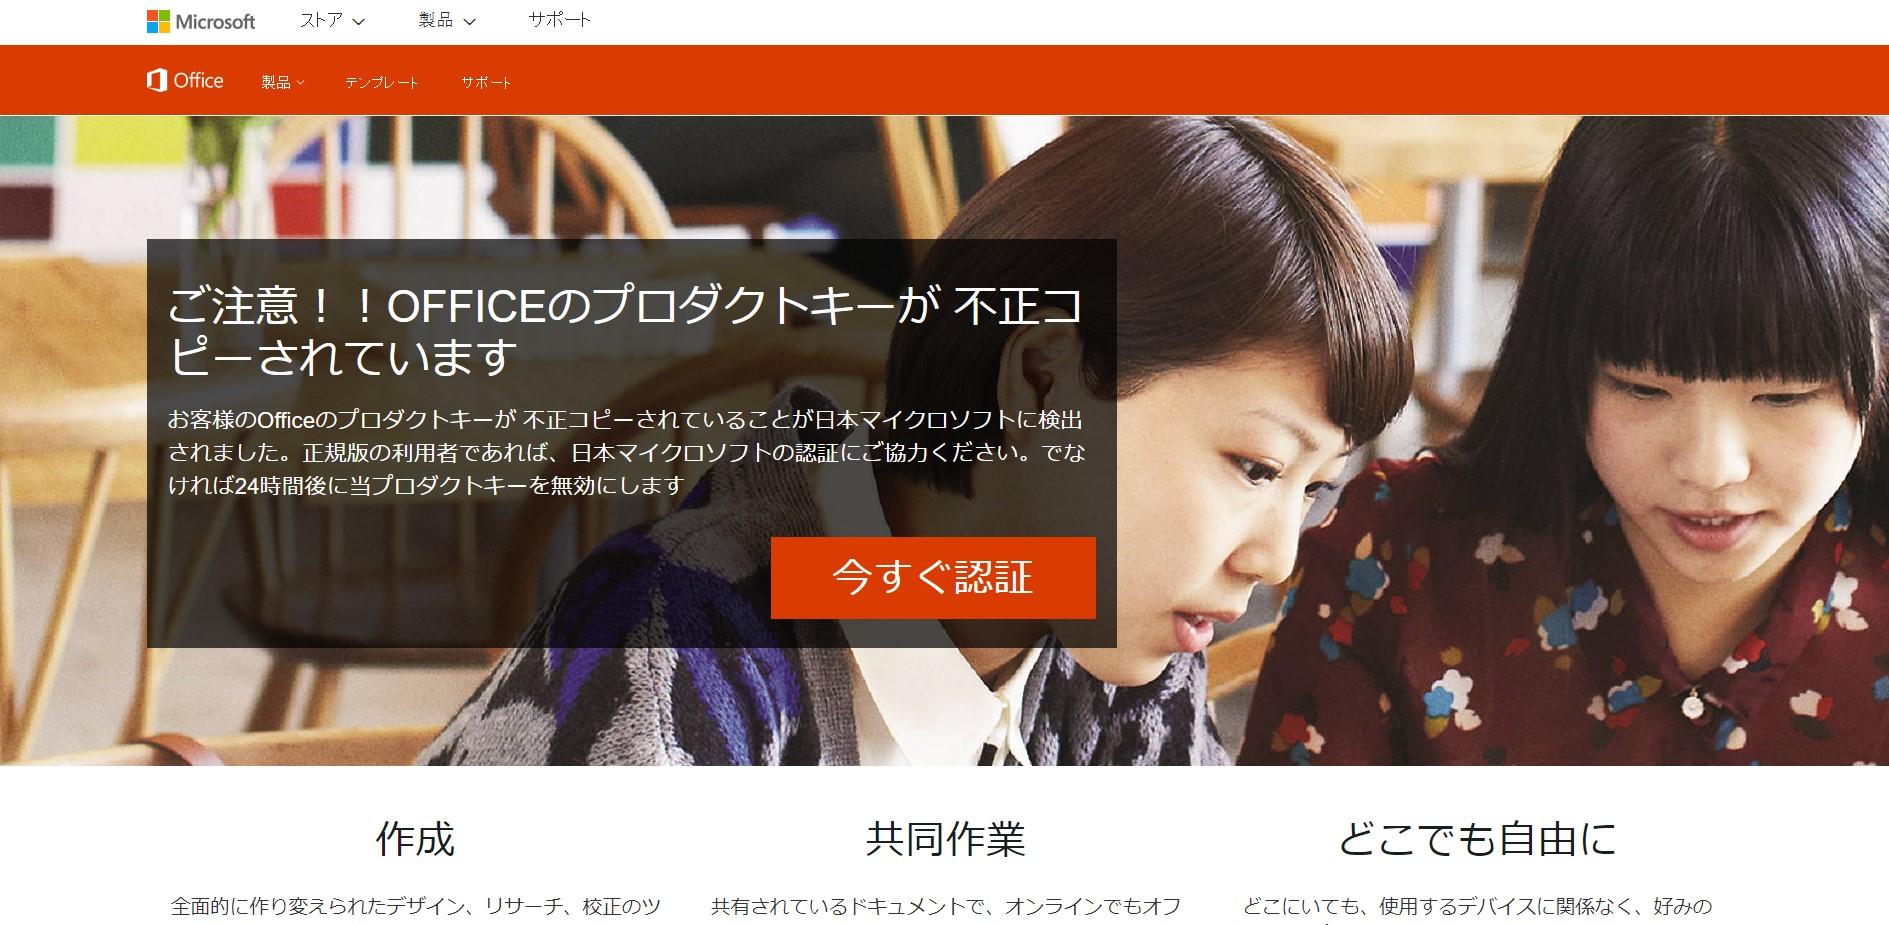 Microsoft01 - 【officeアカウント情報を完善】Microsoftをかたる詐欺メールに注意!個人情報の入力は絶対ダメ!